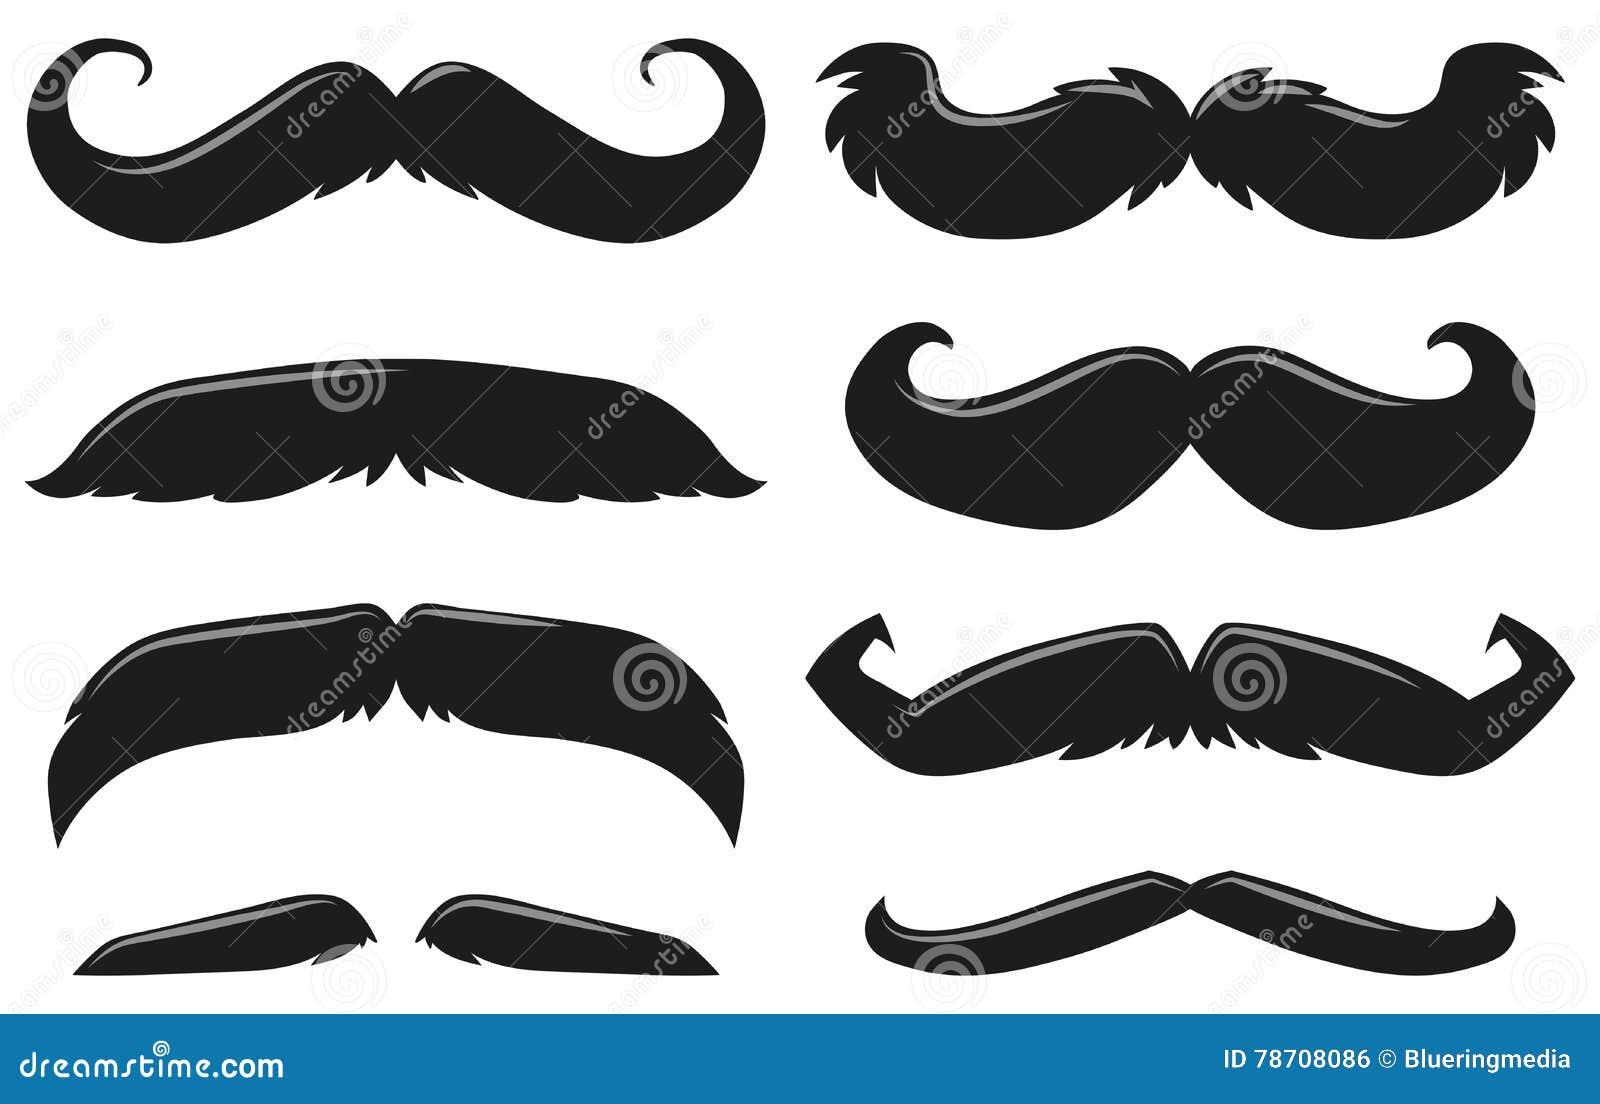 Diff rents types de moustache illustration stock image 78708086 - Differents types de ventilation ...